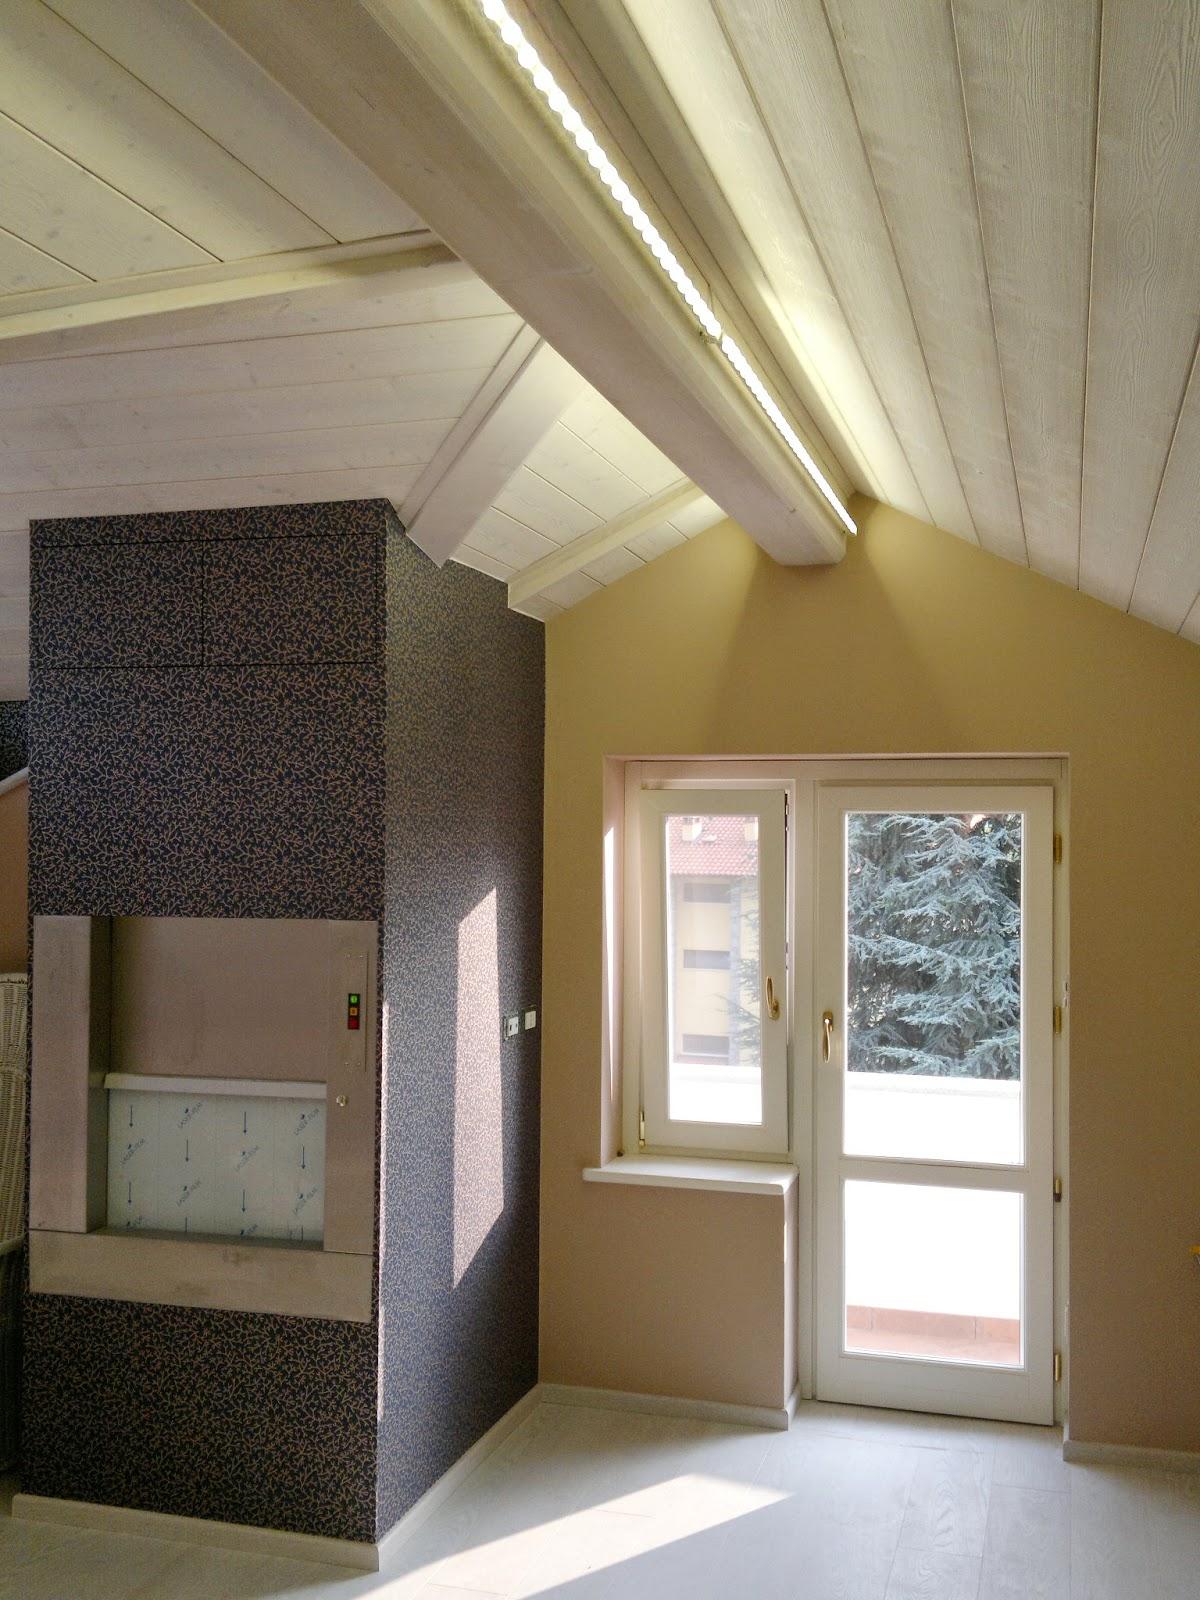 Illuminazione led casa almese ristrutturando una residenza privata - Illuminazione in casa ...